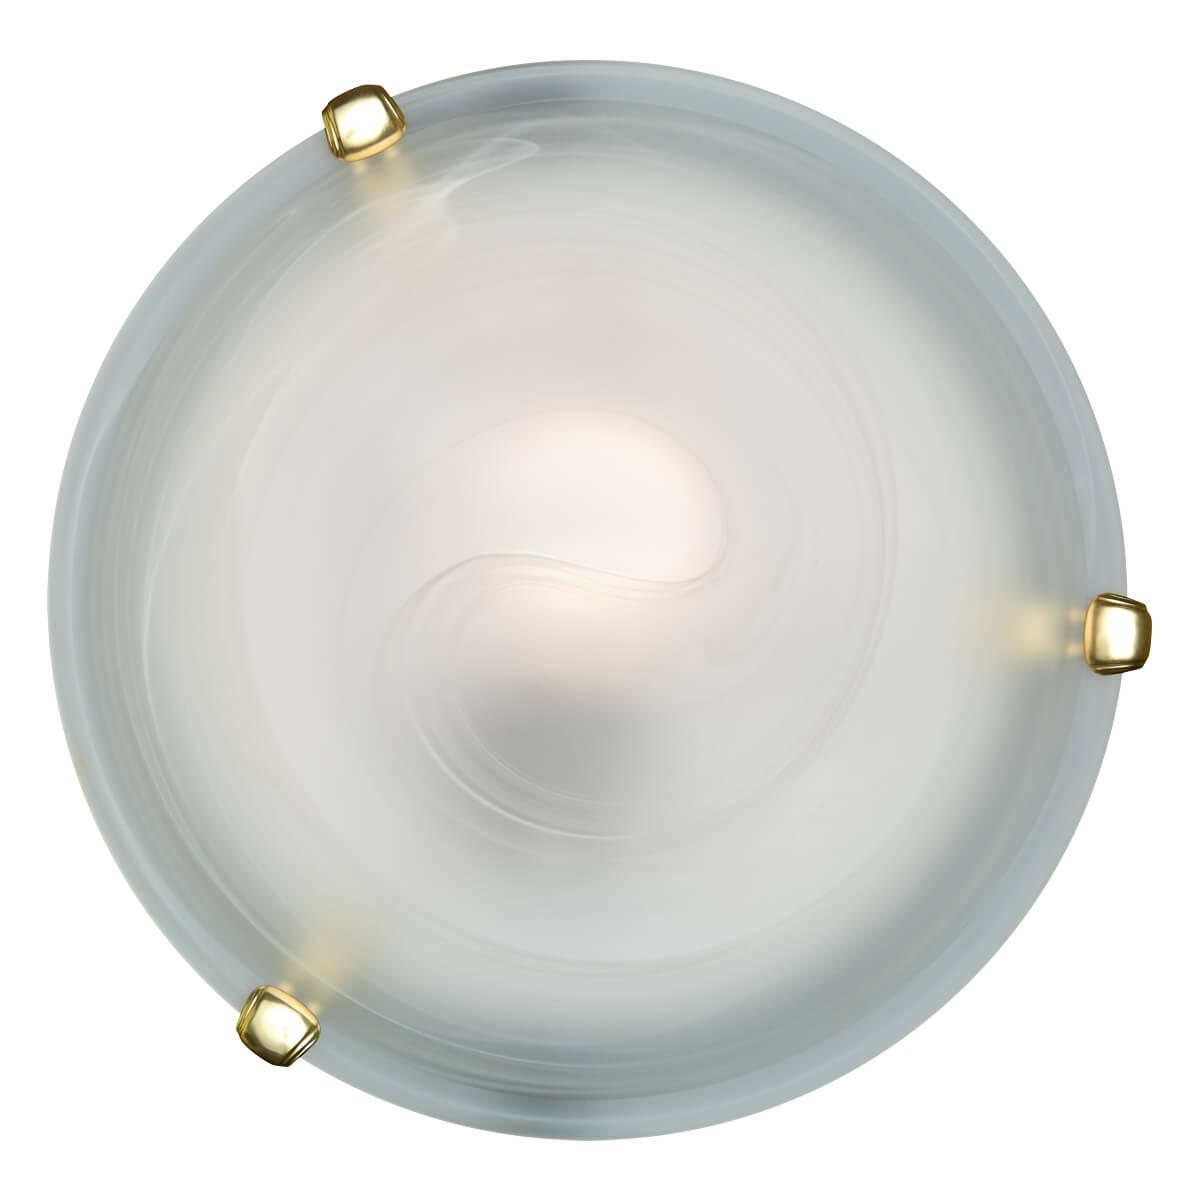 Настенно-потолочный светильник Sonex Duna 153/K золото потолочный светильник sonex duna 353 хром